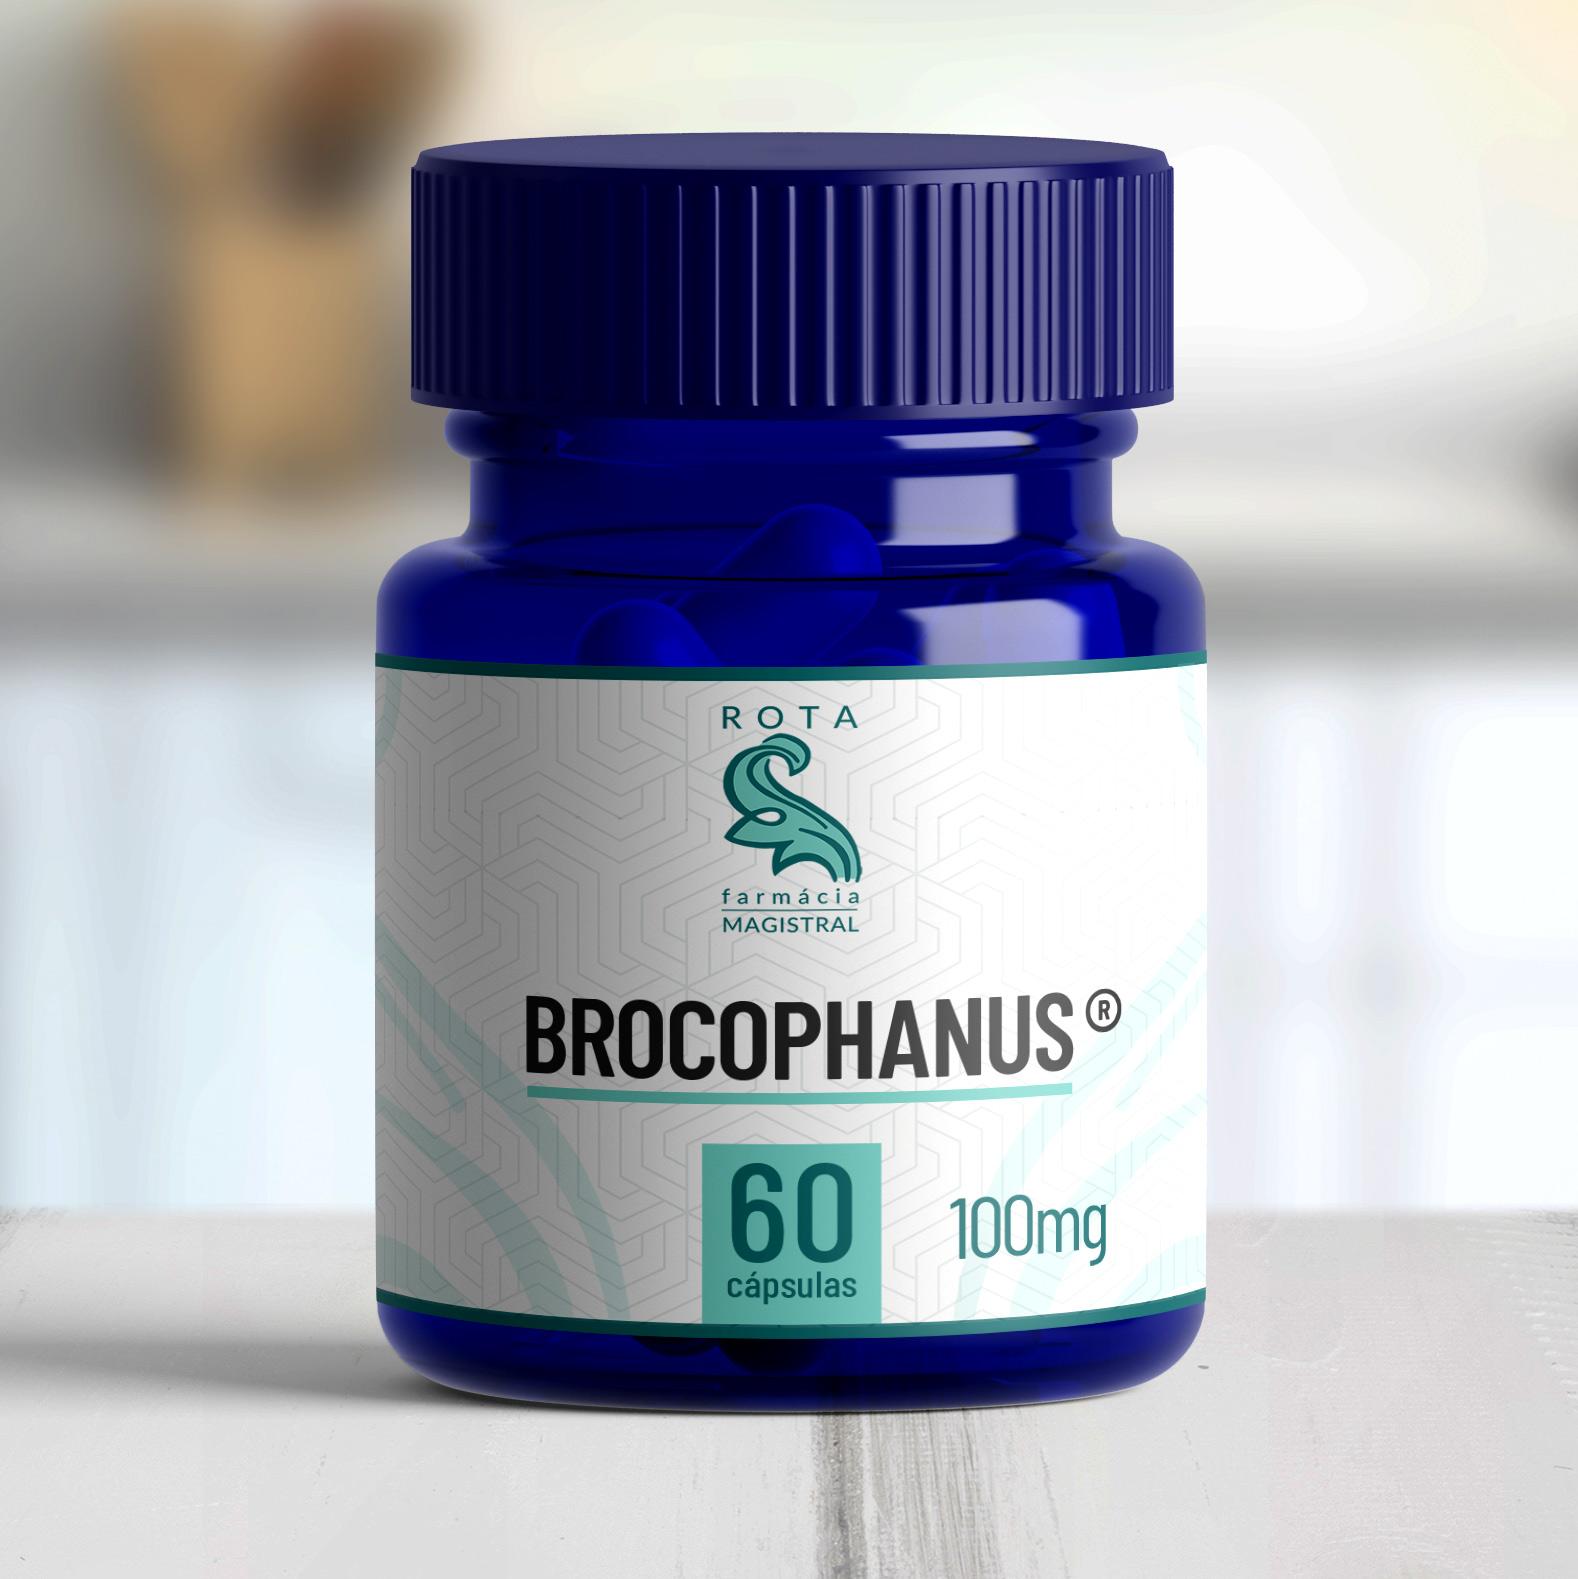 Brocophanus ® 100mg 60 cápsulas